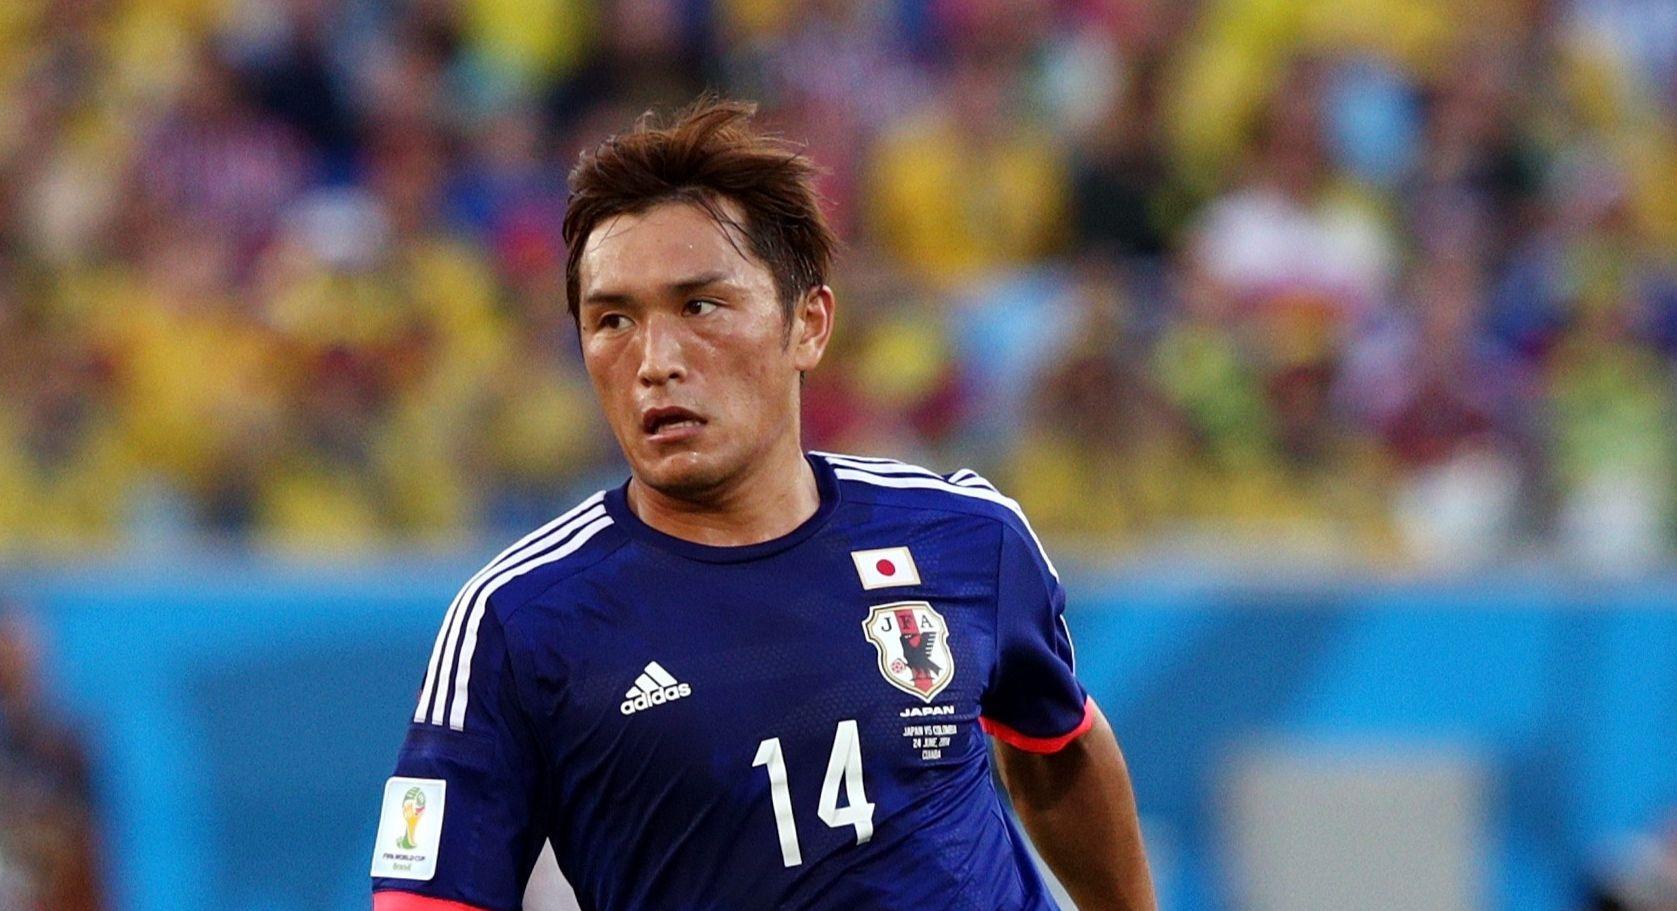 青山敏弘が電撃選出、3年ぶり代表復帰【写真:Getty Images】